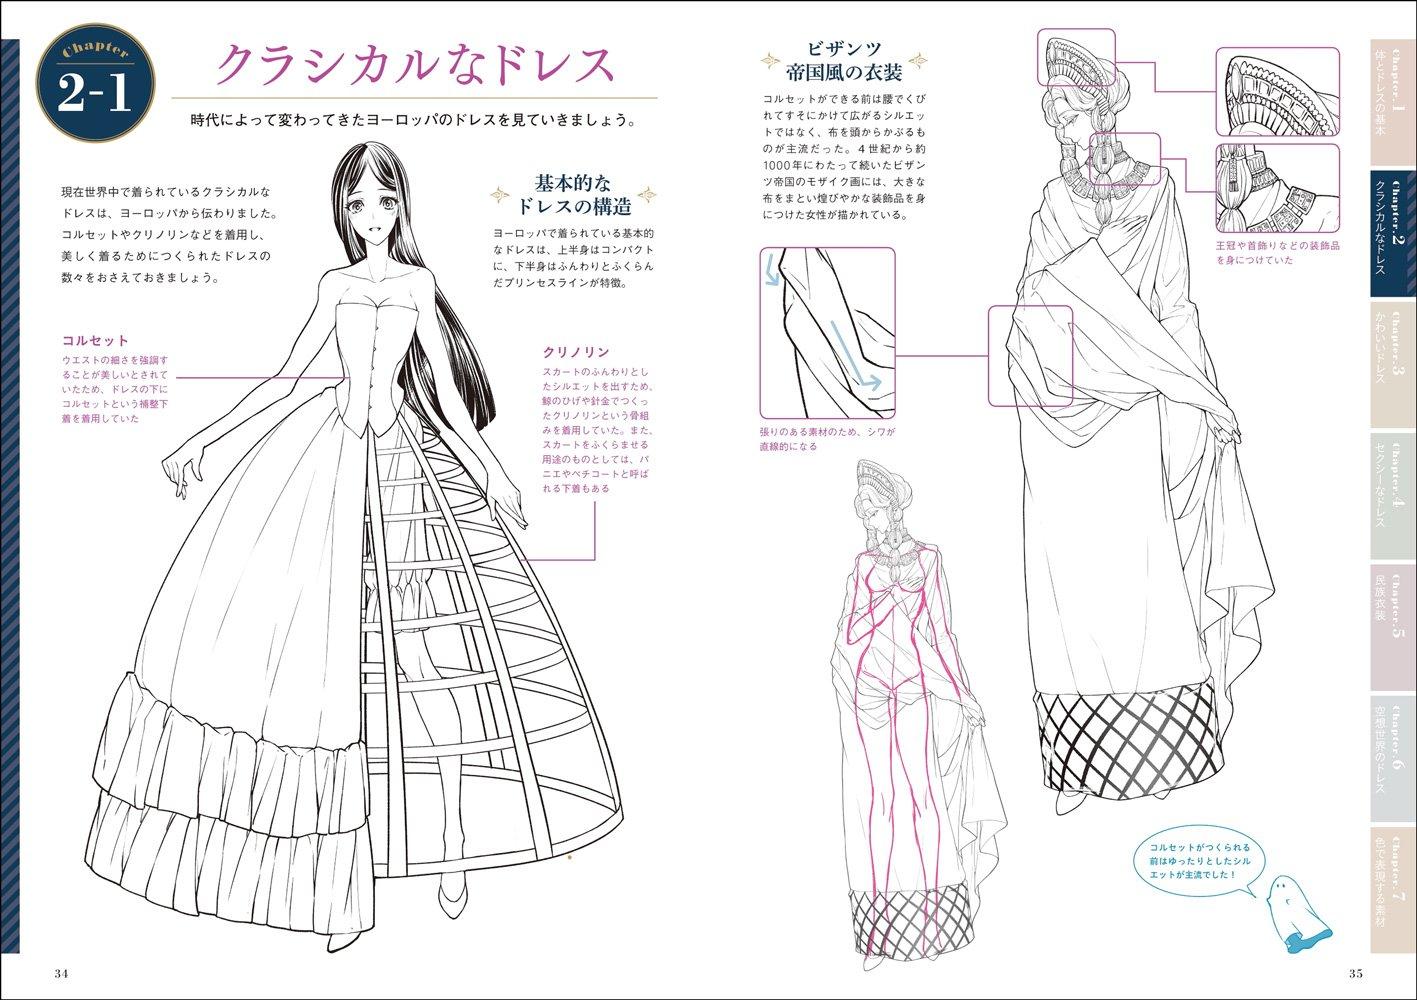 ドレスの描き方 超描けるシリーズ Kyachi 本 通販 Amazon